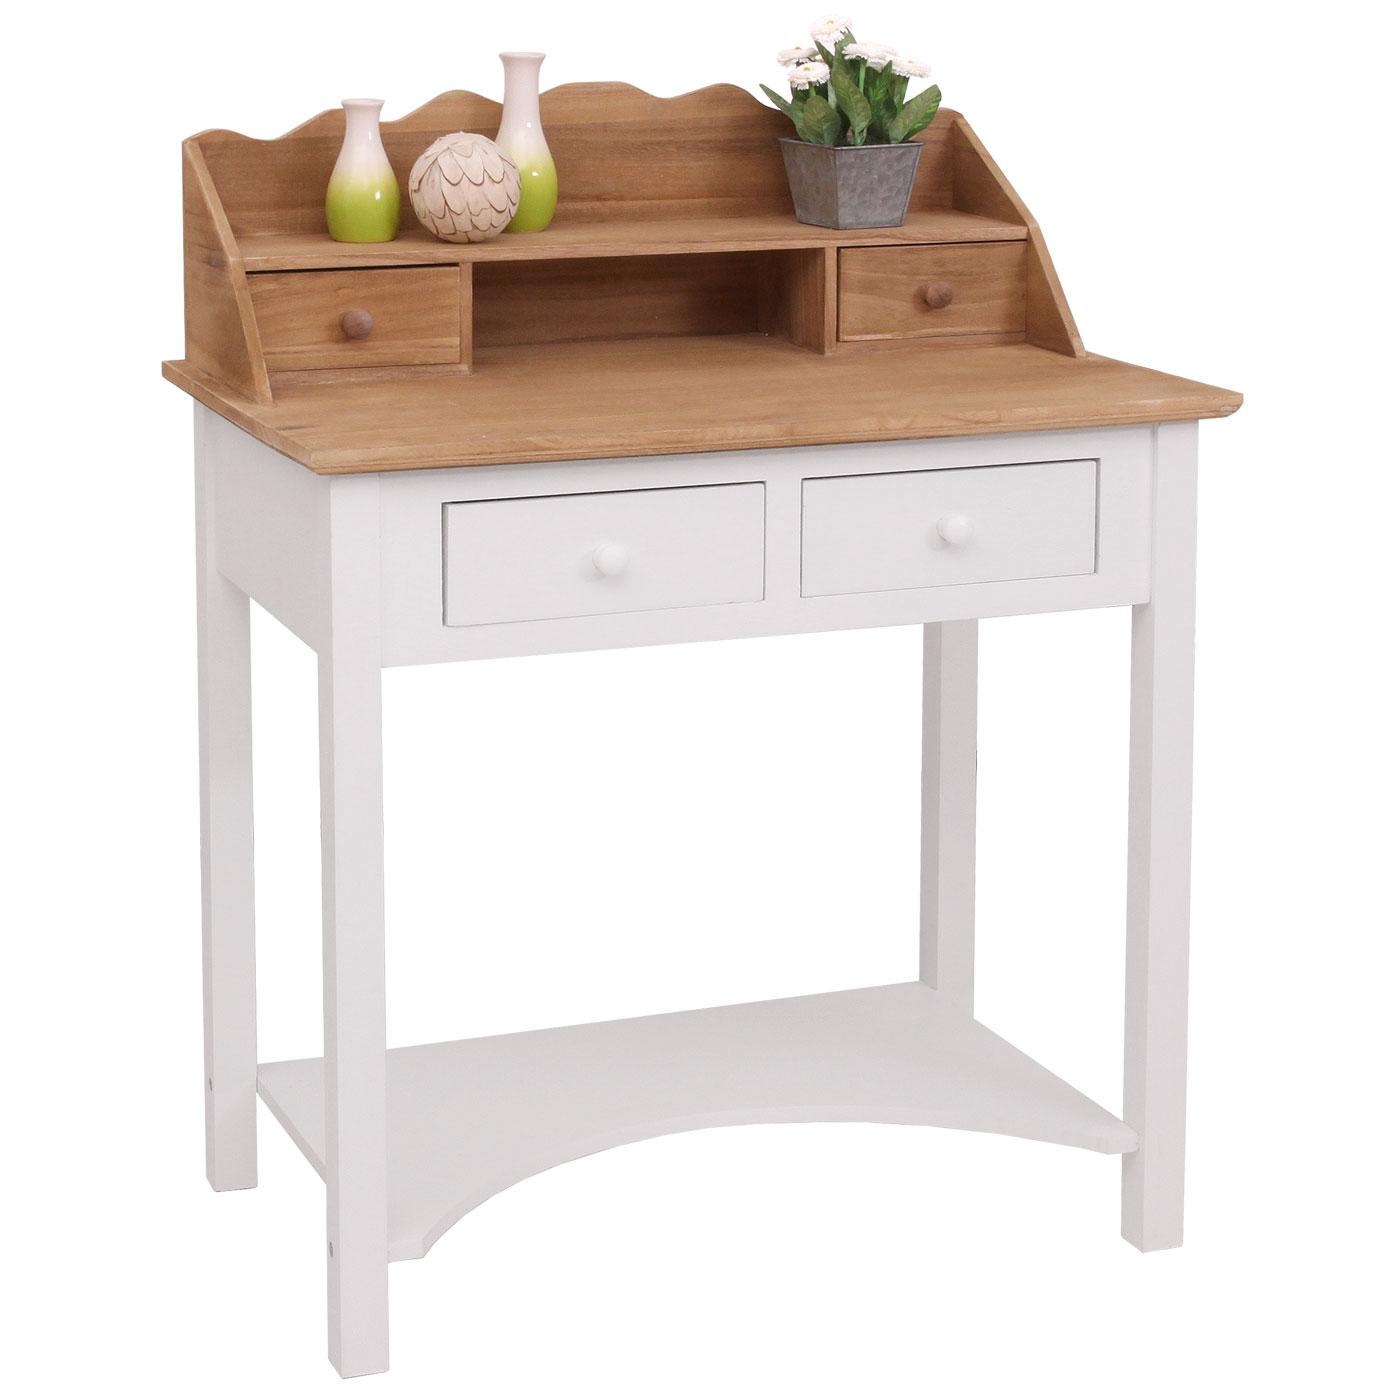 Wunderbar Schreibtisch Kommode Das Beste Von Sekretär Hwc-b96, Arbeitstisch Kommode, 102x77x48cm 1